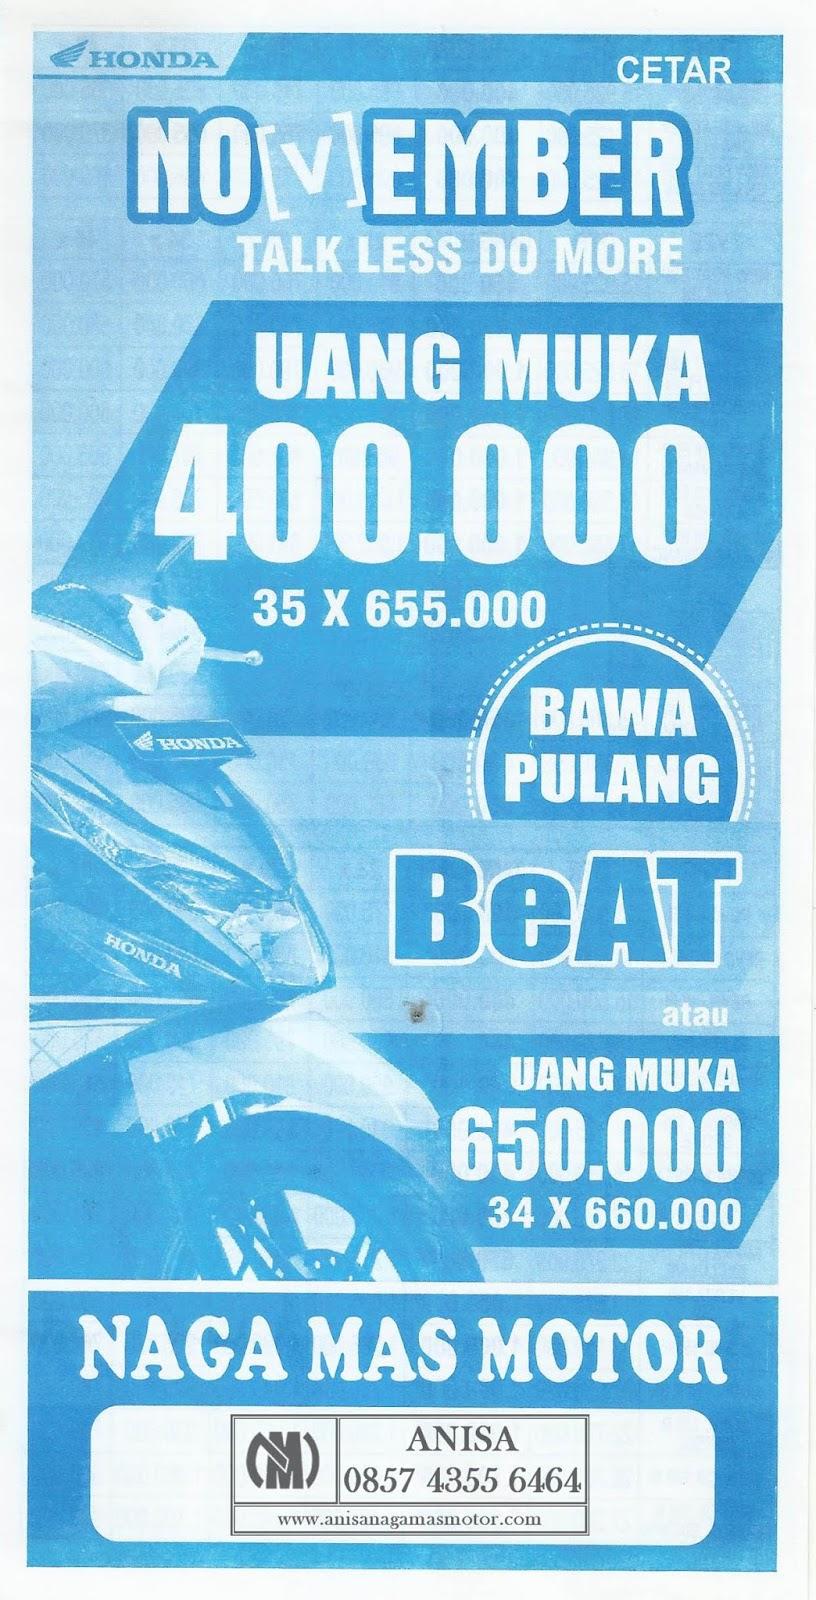 Anisa Counter Sales Dealer Nagamas Motor Klaten All New Beat Sporty Esp Cbs Iss Electro Blue White Kota Semarang Promo November Talk Less Do More